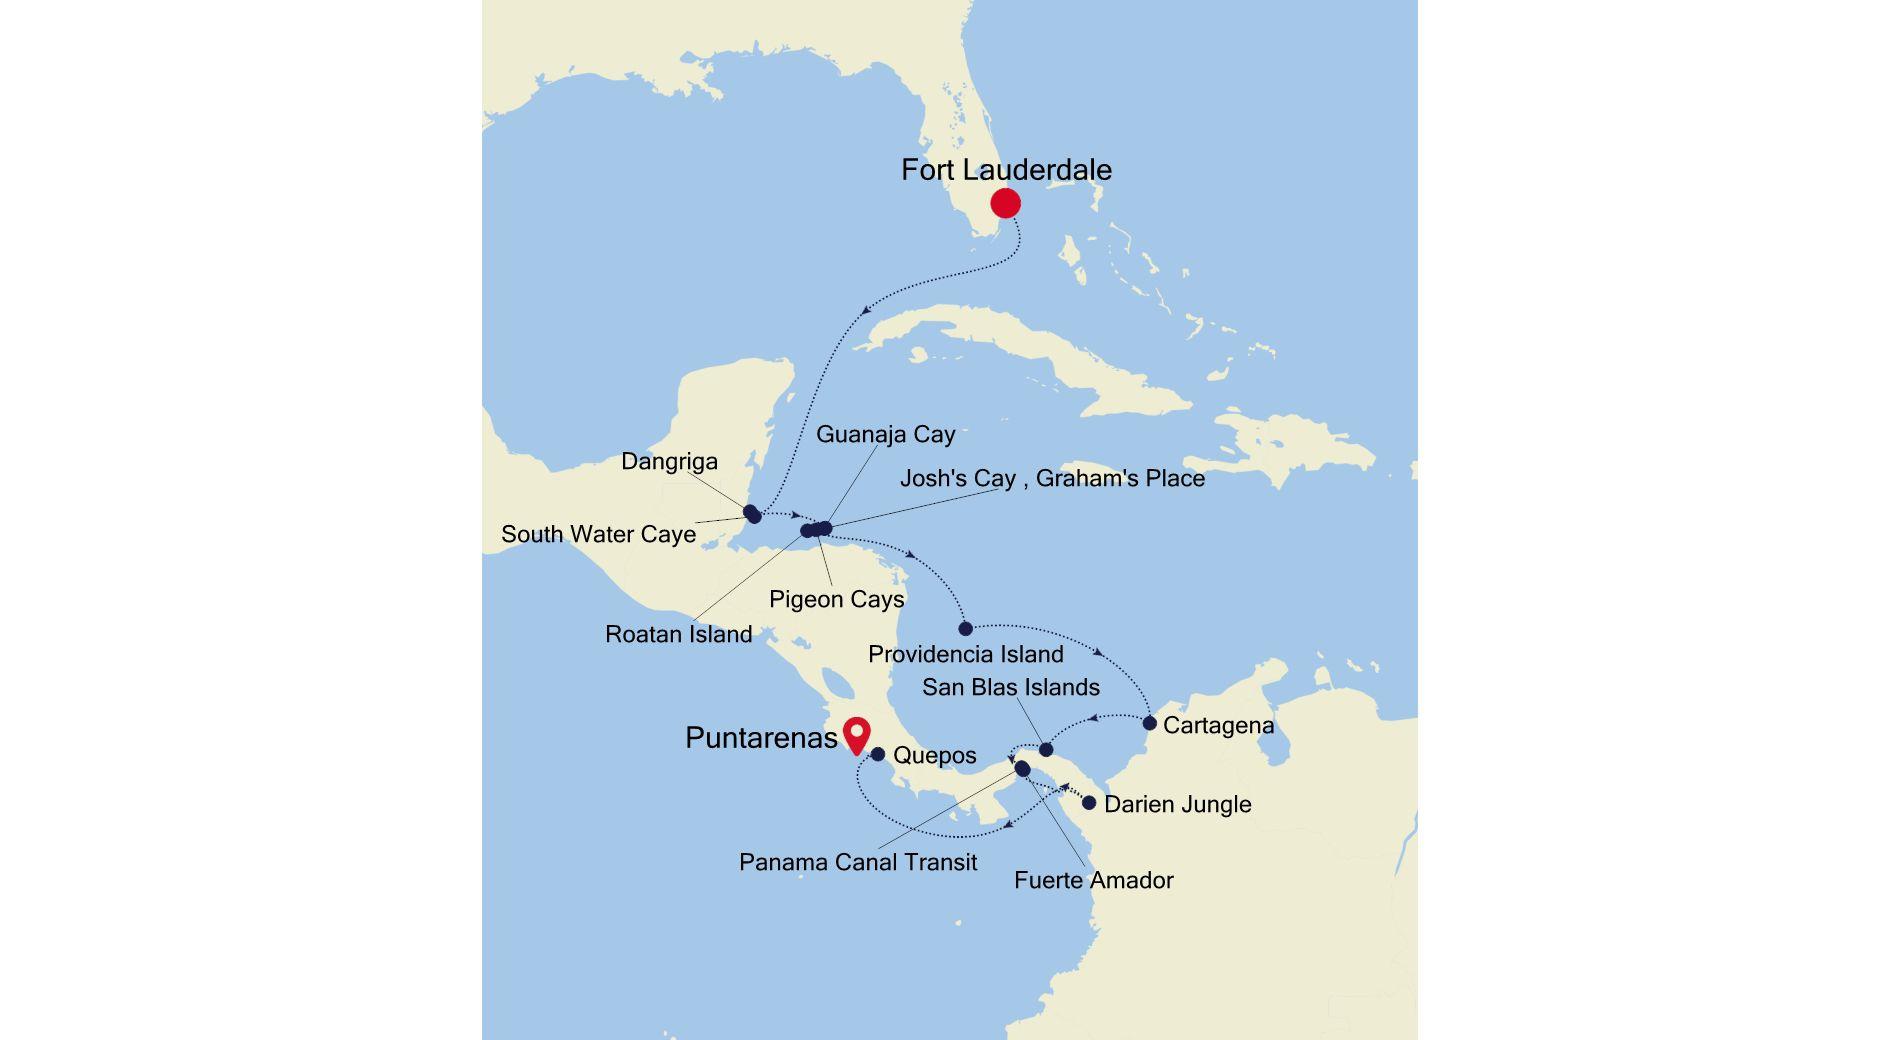 7919 - Fort Lauderdale a Puntarenas